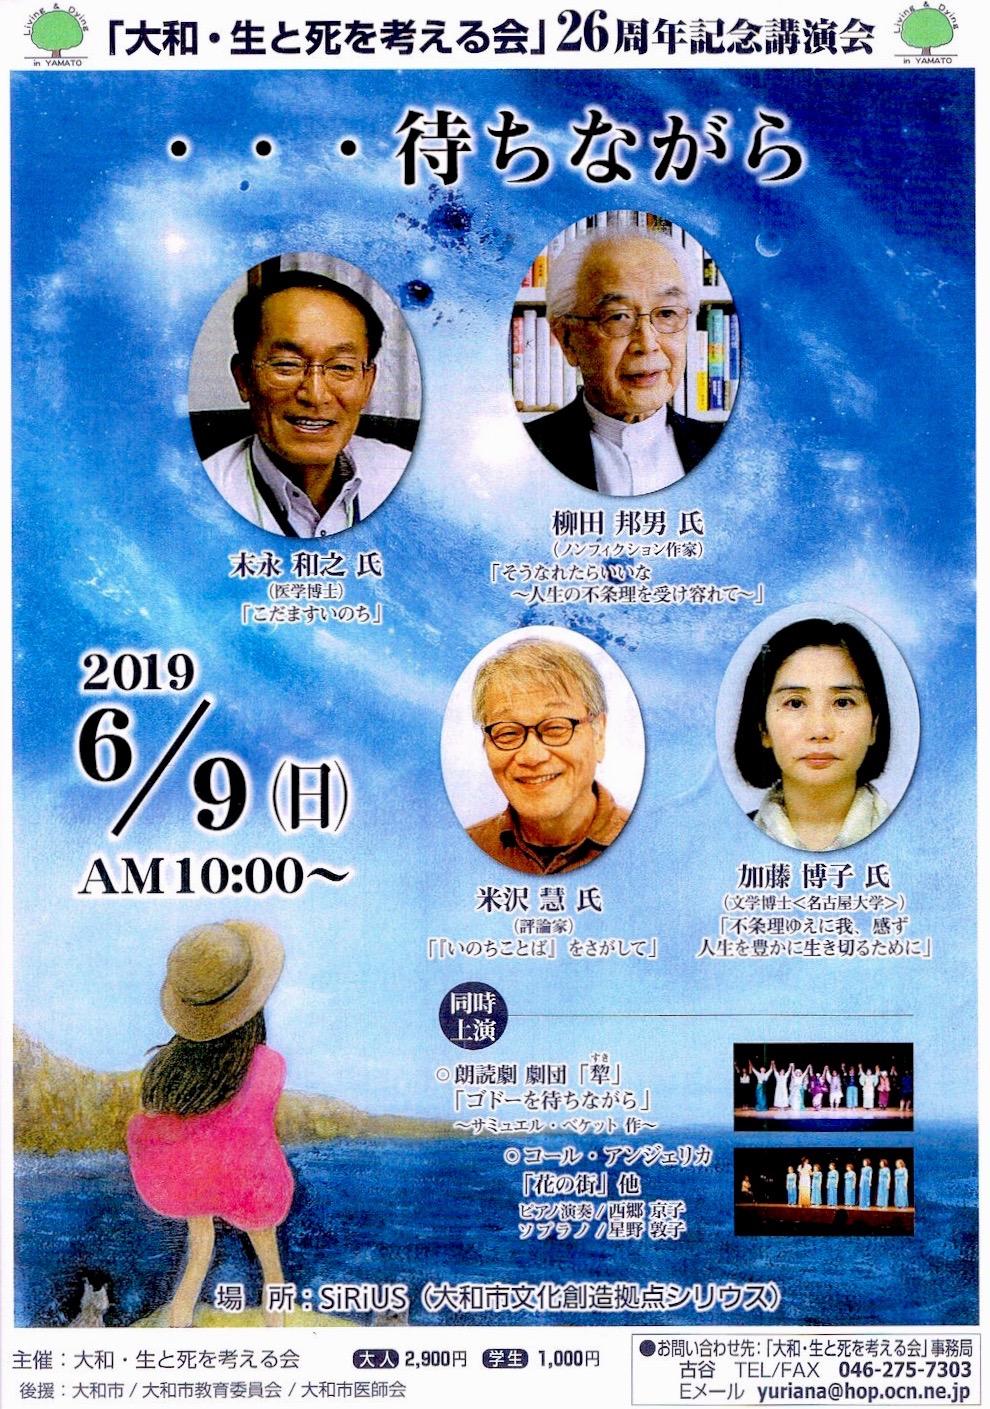 2019.6.9講演会のお知らせ(詳細は画像をクリック)